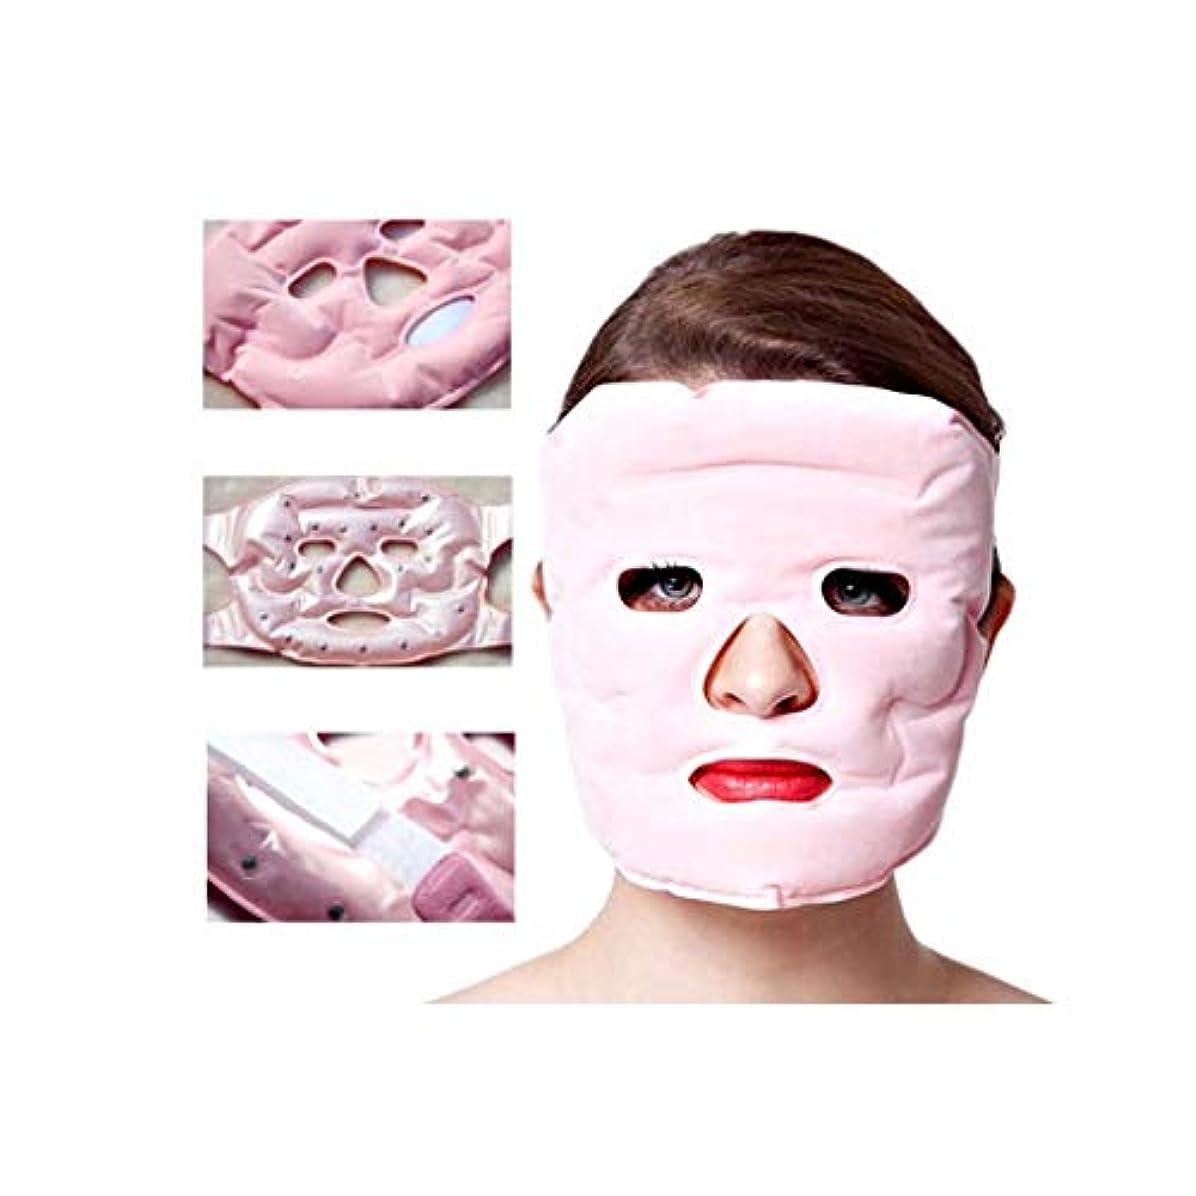 エチケットキュービック不正直フェイシャルスリミング、Vフェイスマスク、フェイスリフティングビューティーマスク、磁気療法リフティングフェイス、肌の状態を改善するための肌の頬の引き締め